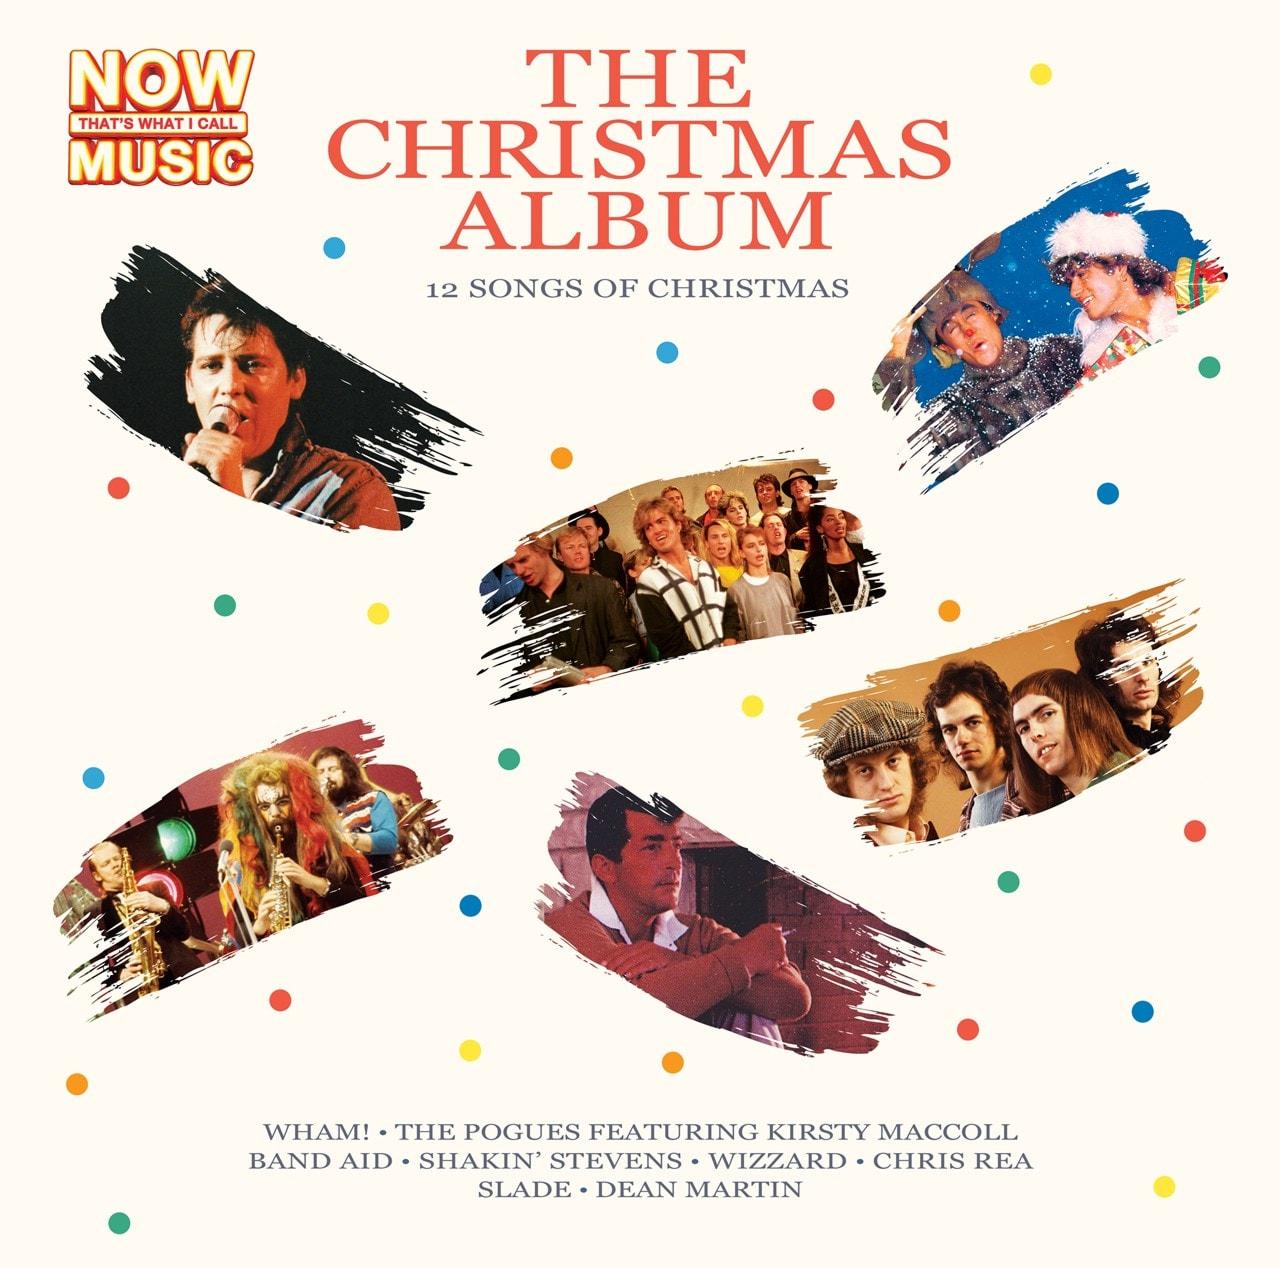 The Christmas Album: 12 Songs of Christmas - 1